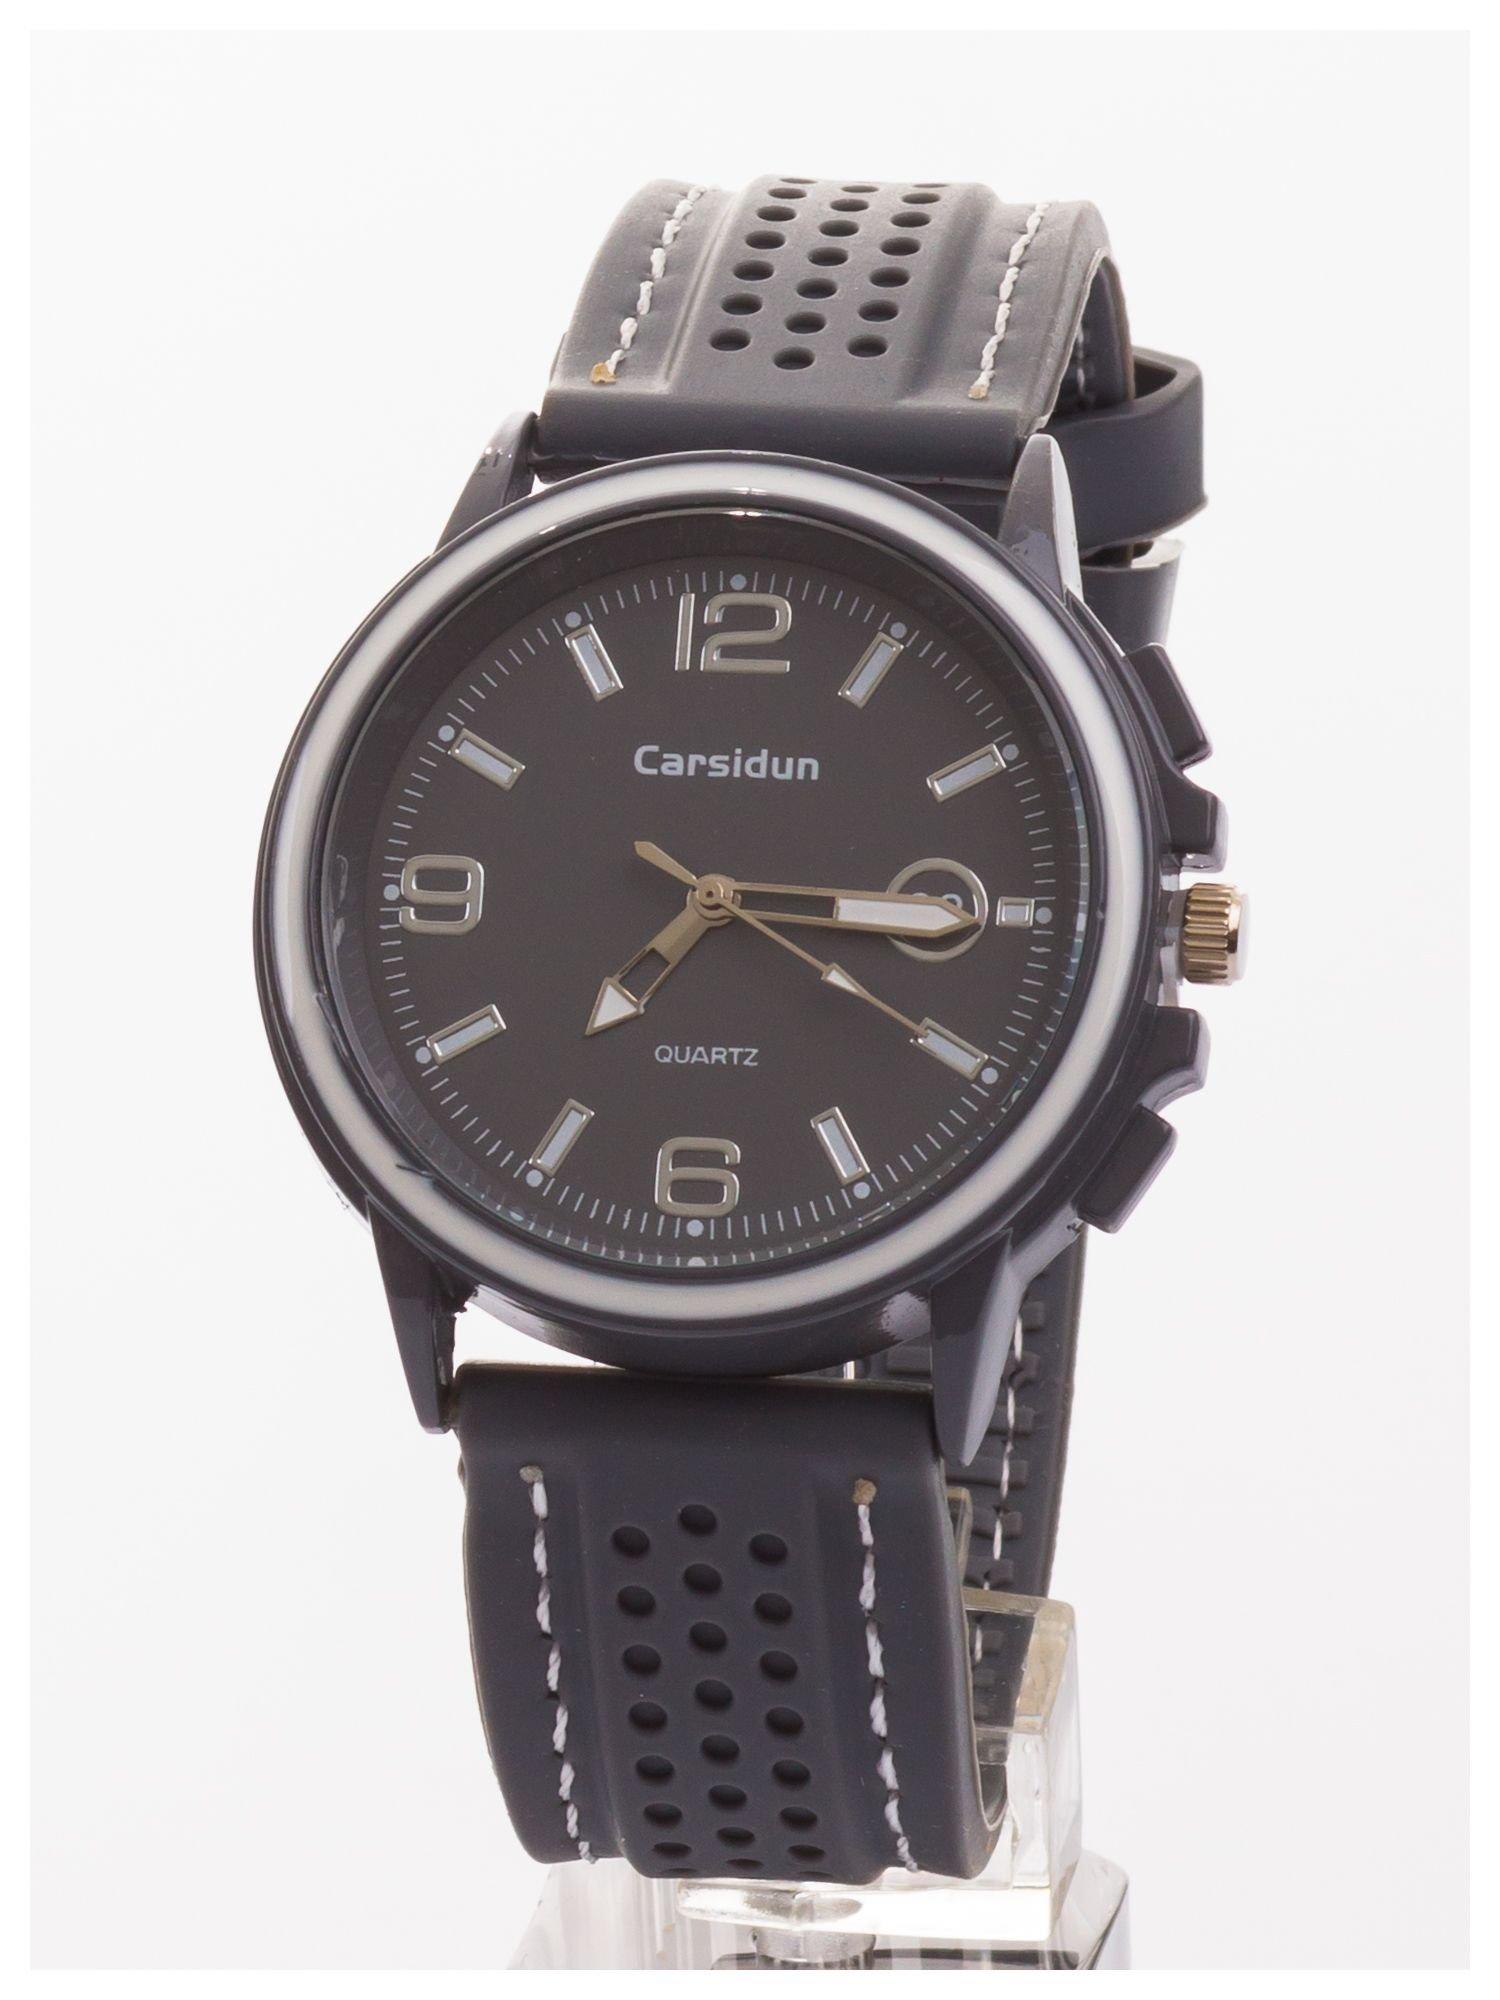 CARSIDUN Modny i wygodny męski zegarek z silikonowym paskiem                                  zdj.                                  1